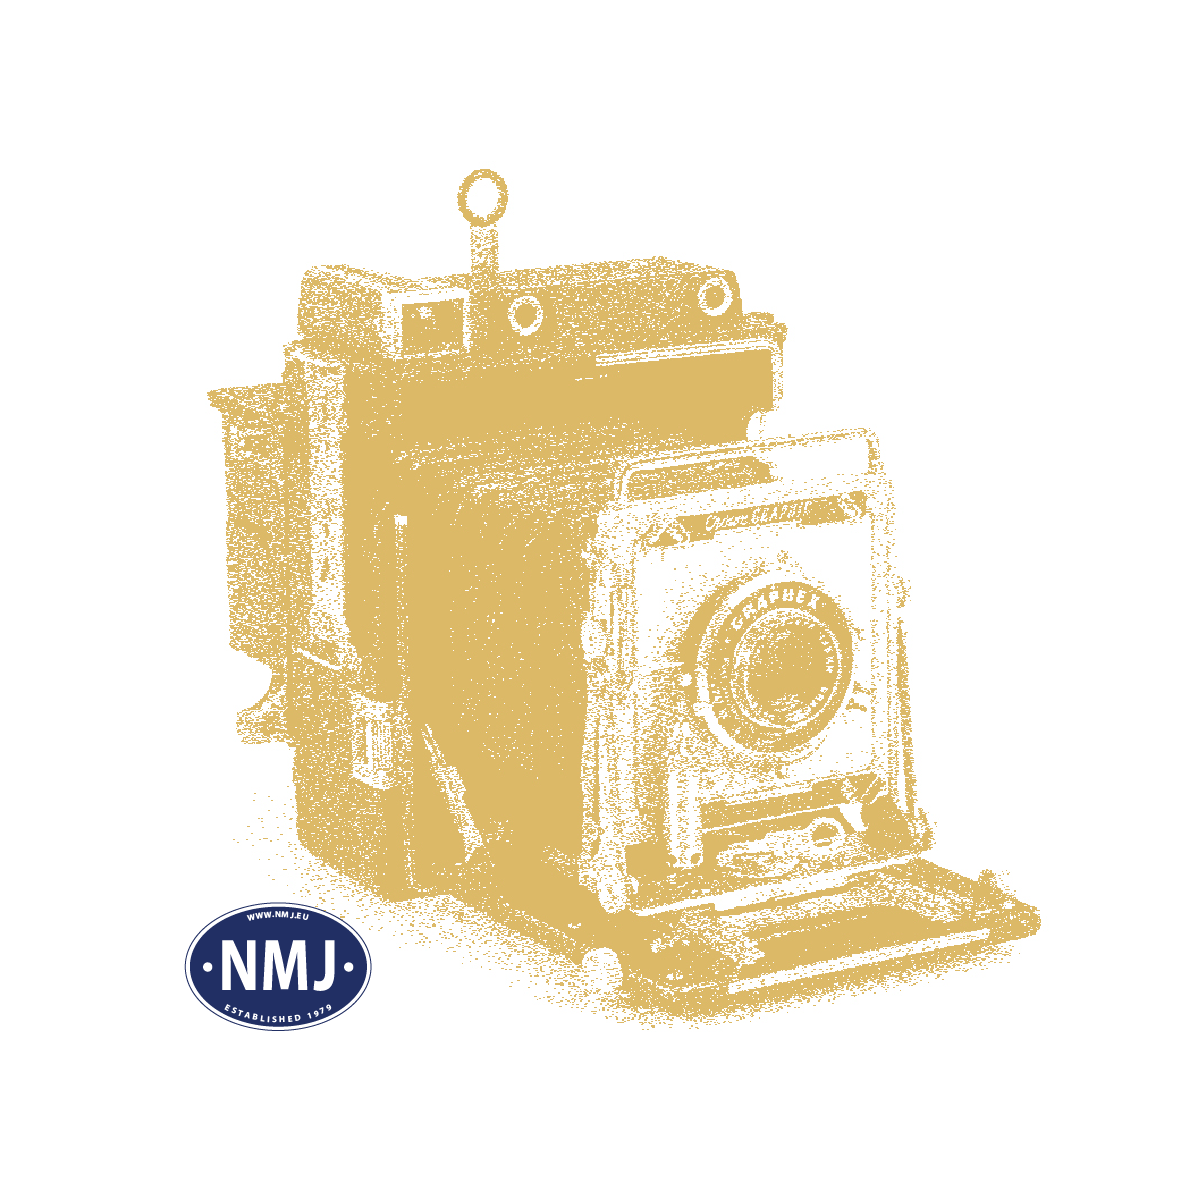 NMJH15108 - NMJ Skyline Modell der NSB Station Strømmen, 70er Jahre, Fertigmodell